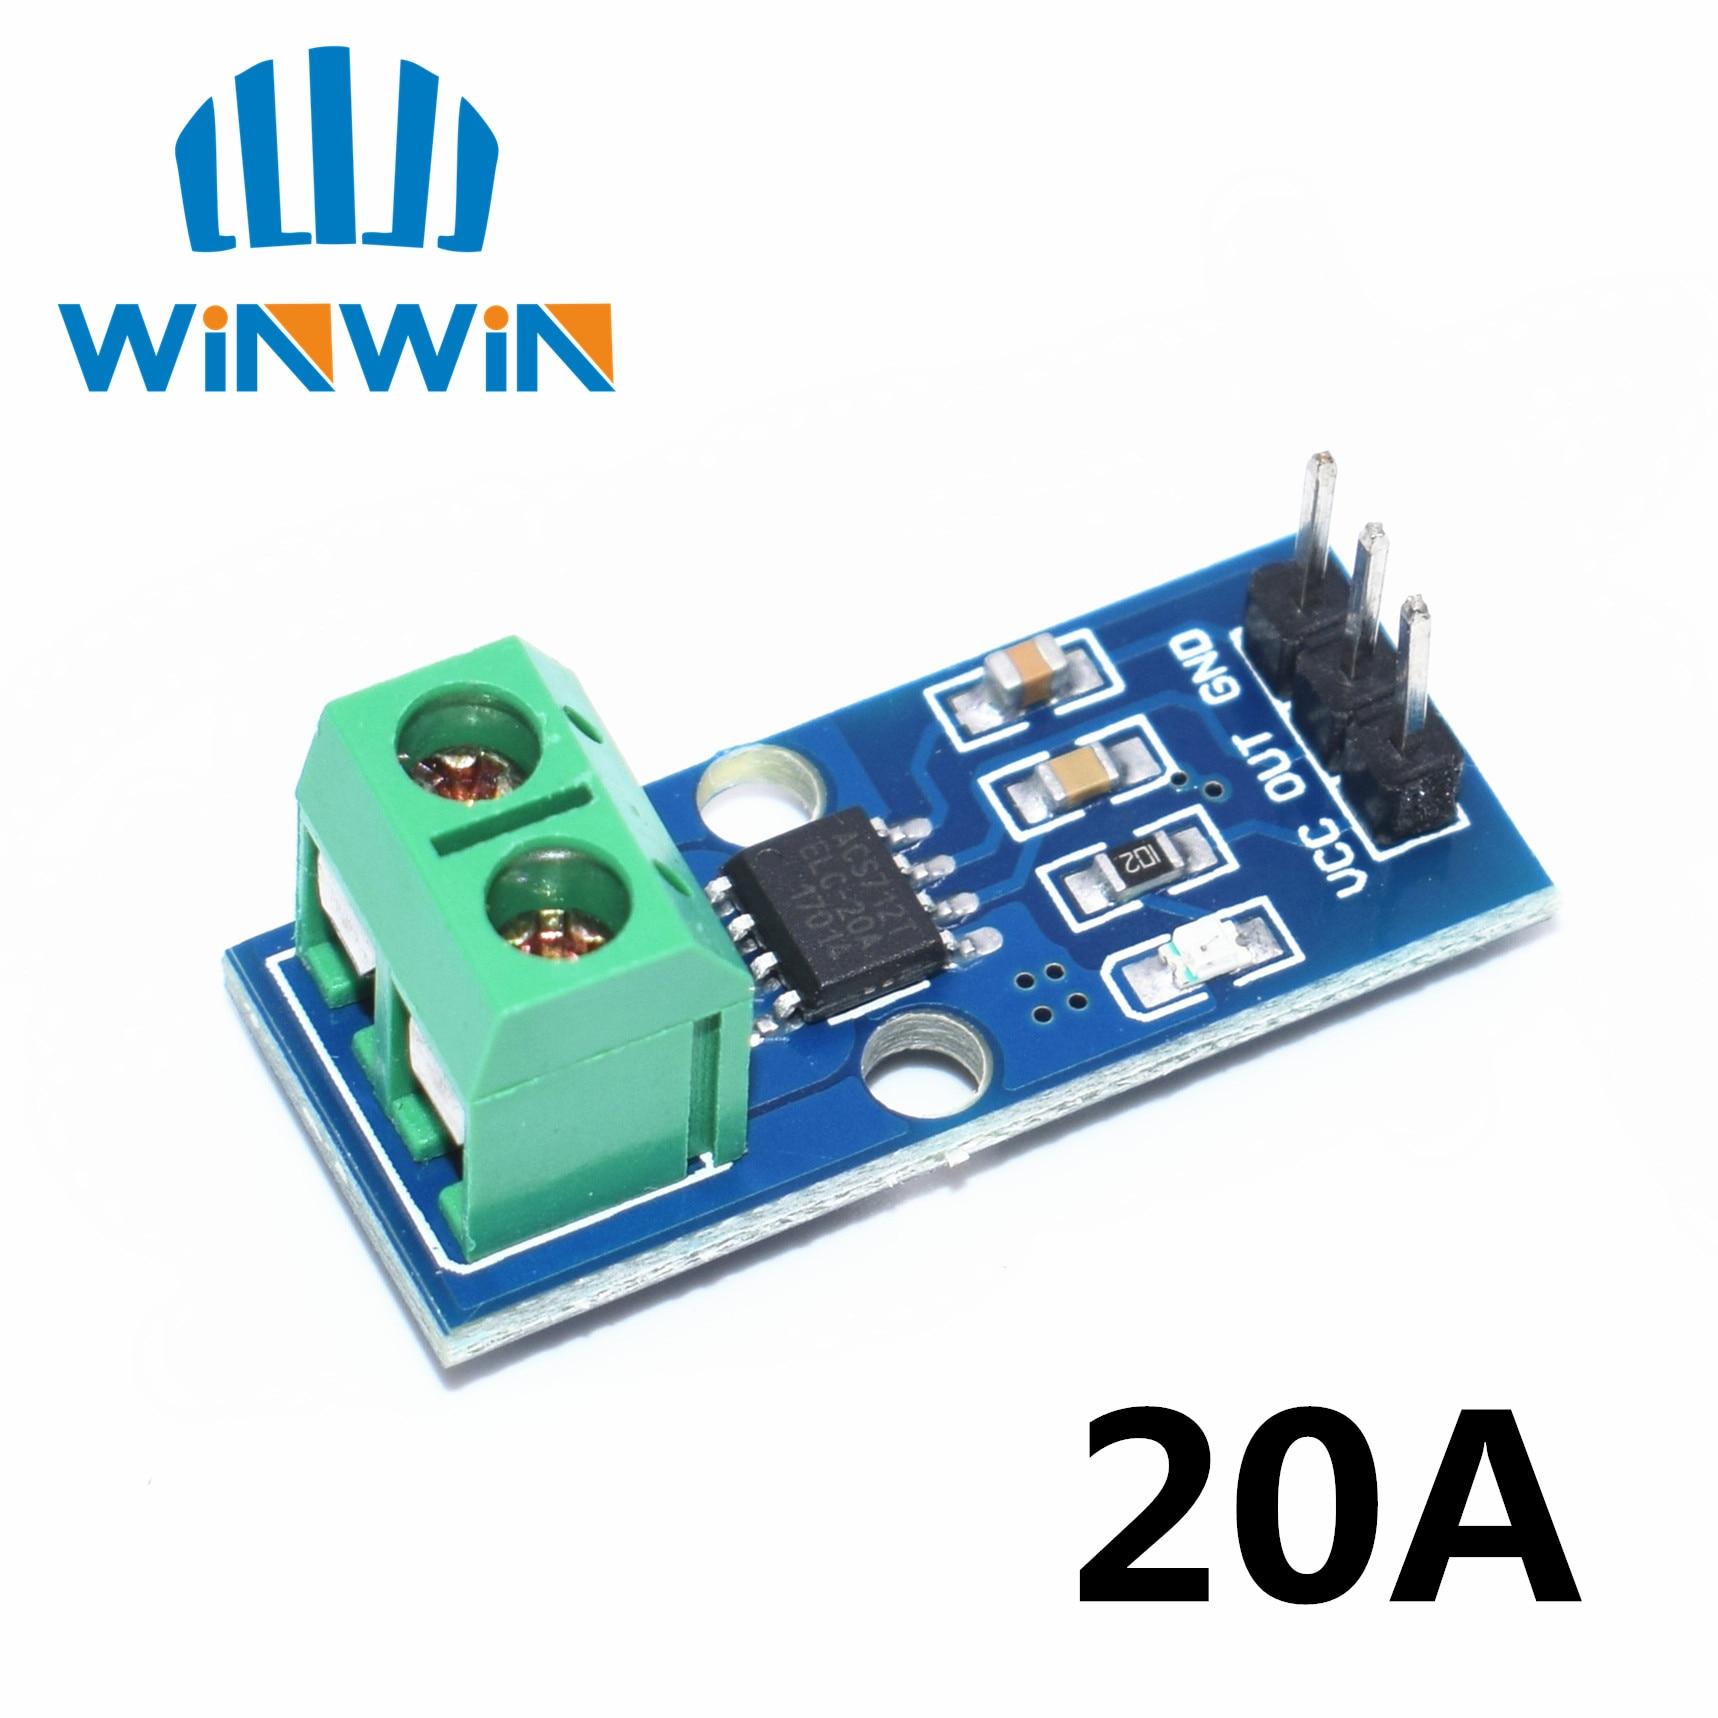 A13 Бесплатная доставка 5 шт./лот Новый 20A зал Текущий Сенсор модуль ACS712 модель 20A ACS712 20A